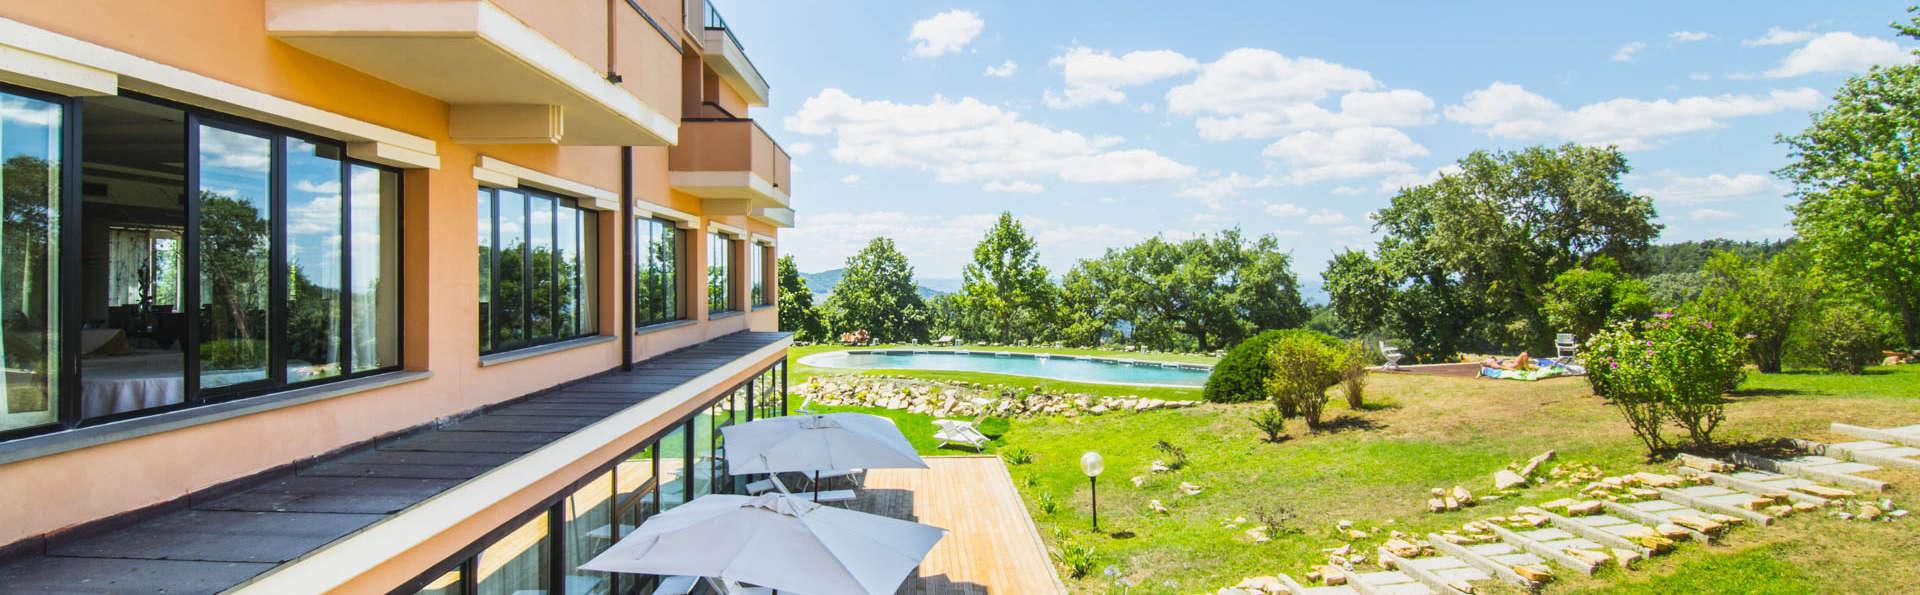 Offerta Ferragosto 2019 in Toscana: Soggiorno  in Resort con piscina